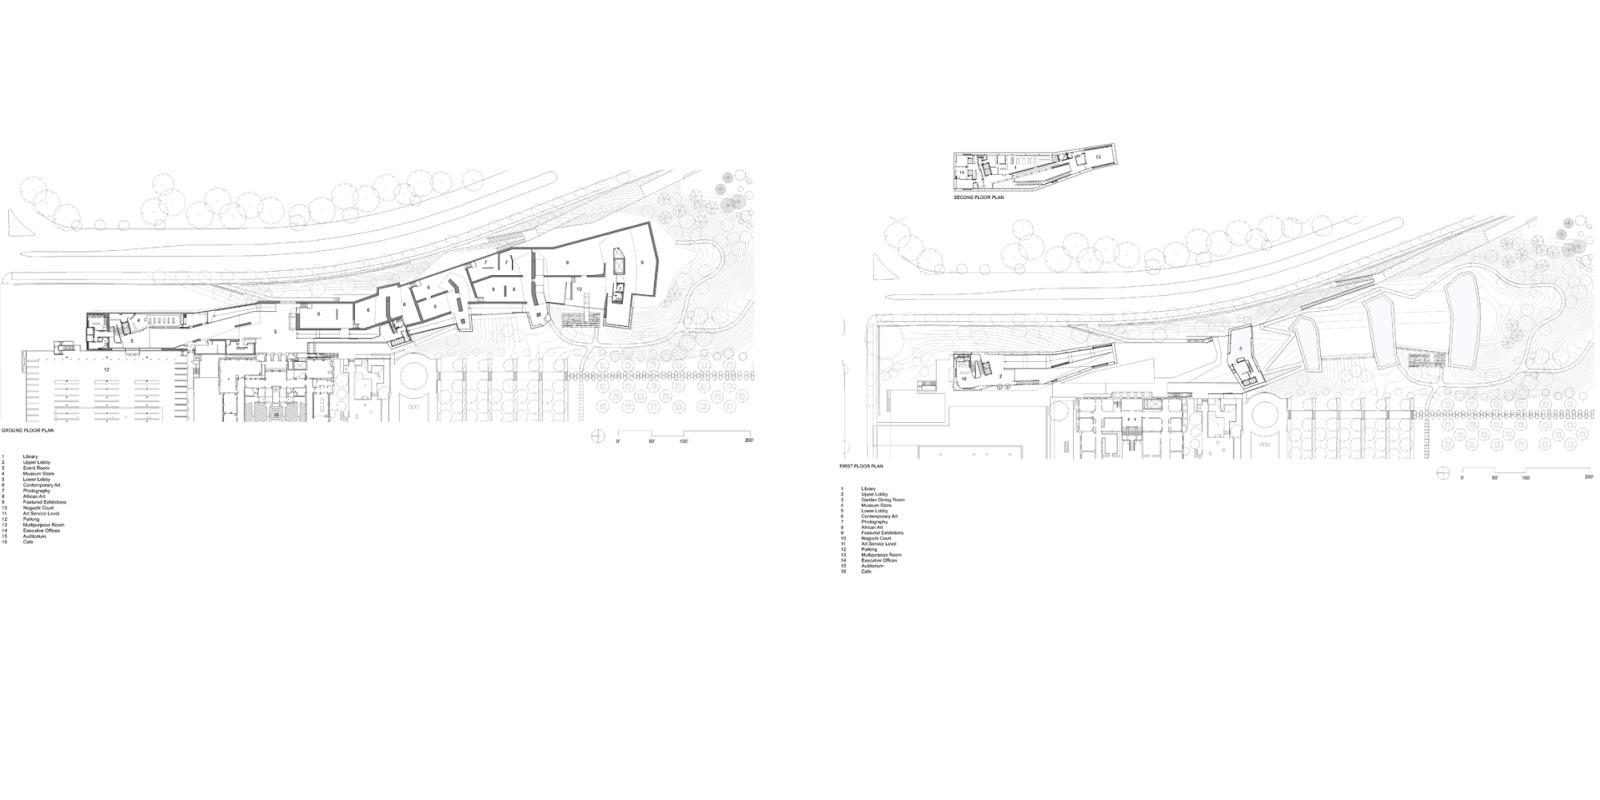 http://3.bp.blogspot.com/-EBfXU80taB8/UFhO_6NkPtI/AAAAAAAAH6g/WMtTfCRWP_A/s1600/Nelson+Atkins+Museum+of+Art+by+Steven+Holl+Architects+16.jpg